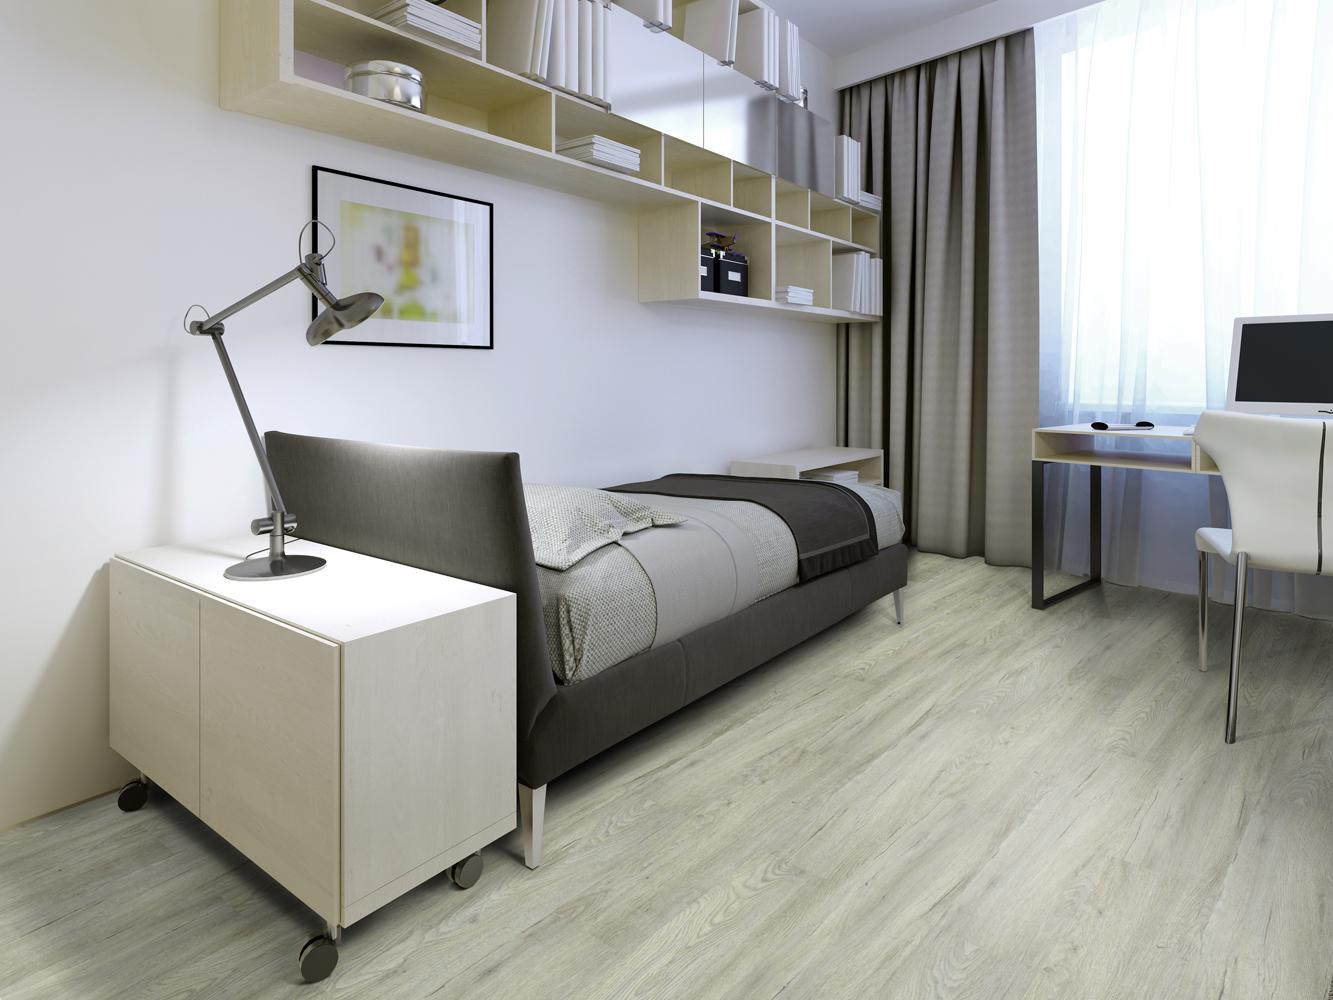 Quartos mais confortáveis com piso vinílico – BLOG